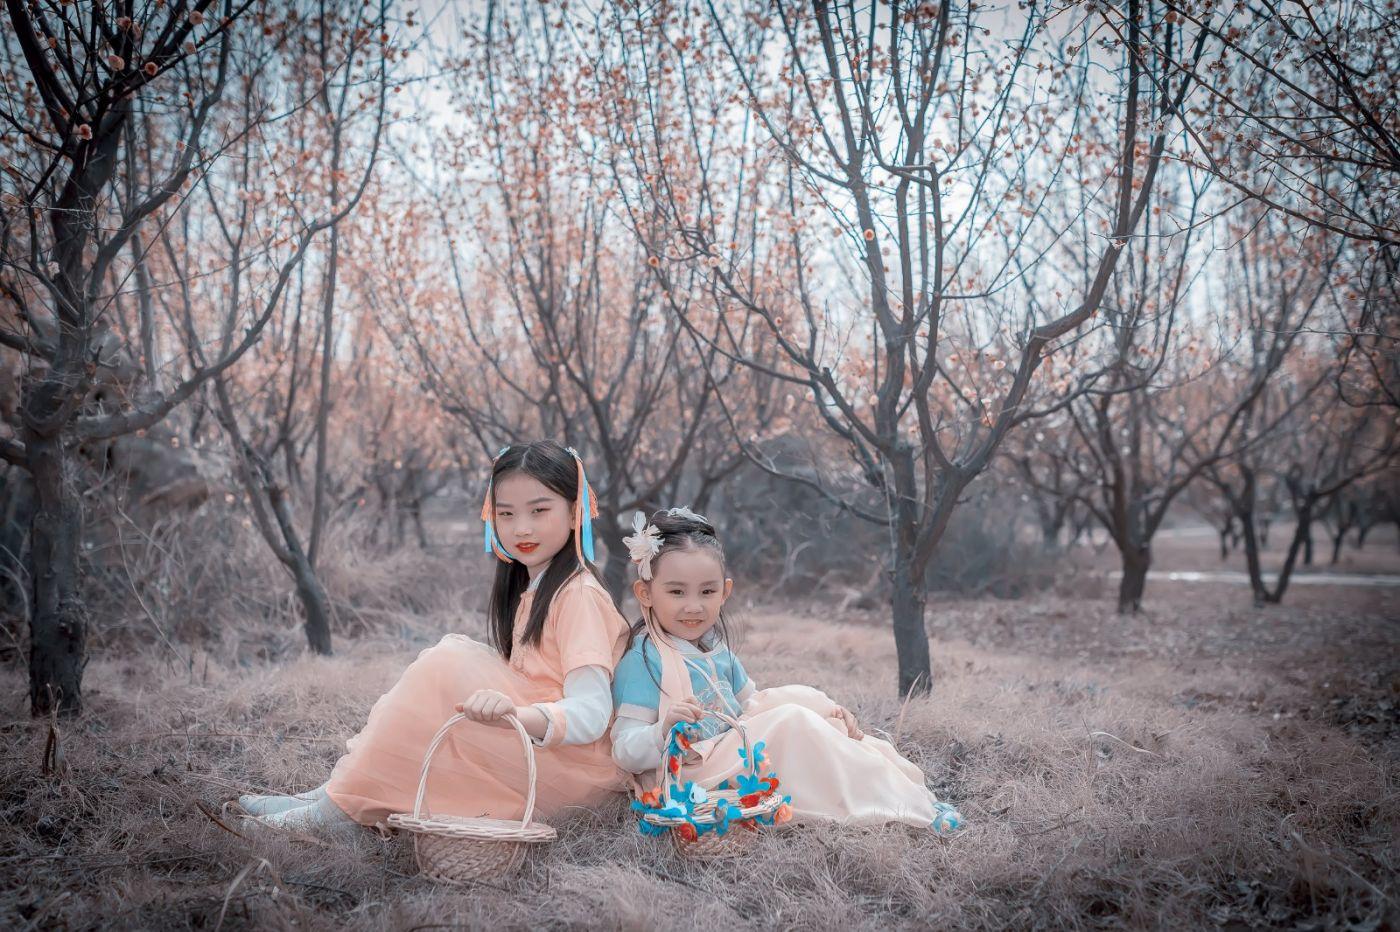 梅林馀妍不争春 小小仙女下凡尘 在费县拍摄小小仙女候依琳_图1-2